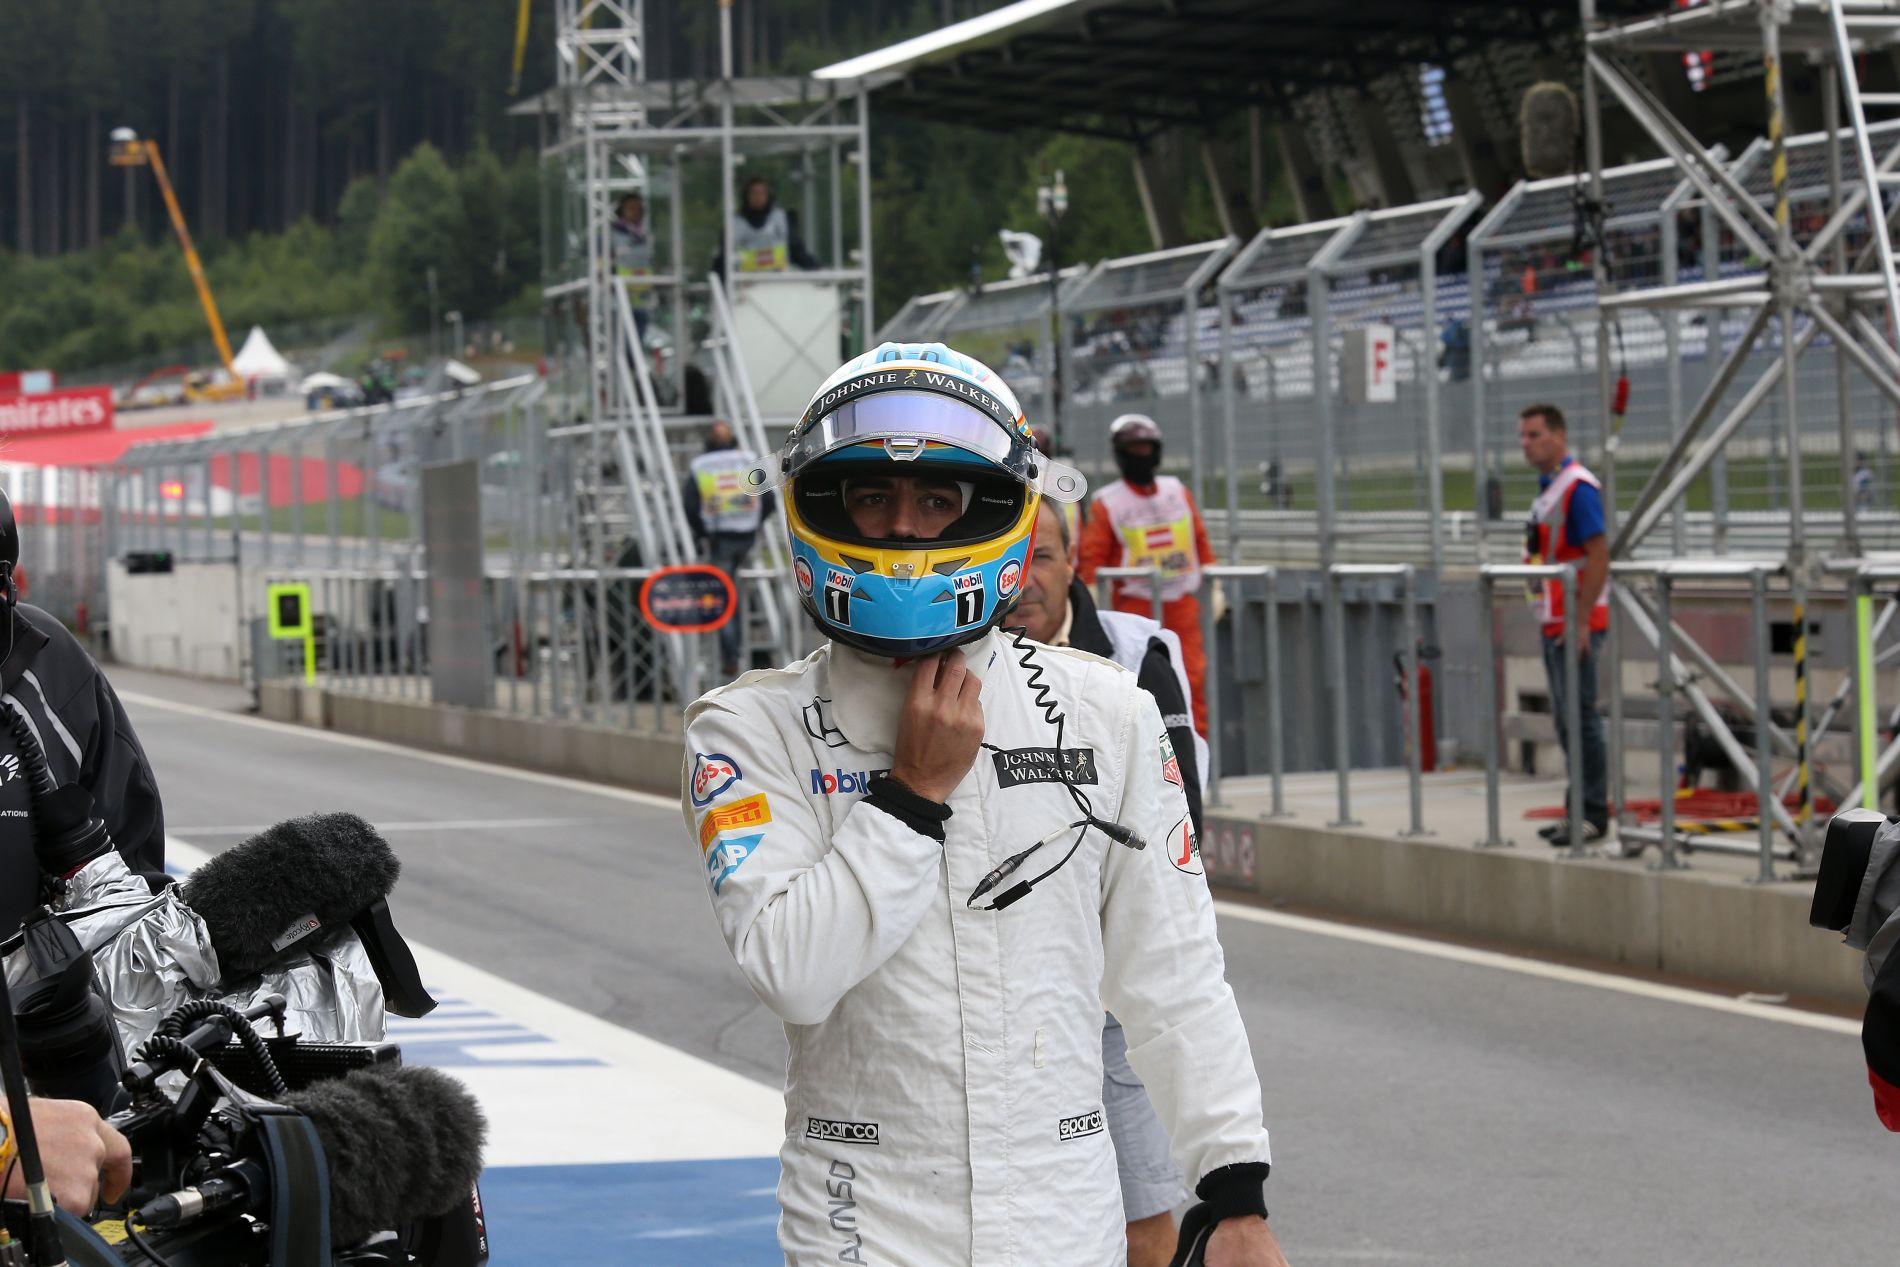 Alonso: verhetnénk a fejünket a falba, helyette inkább tanulunk